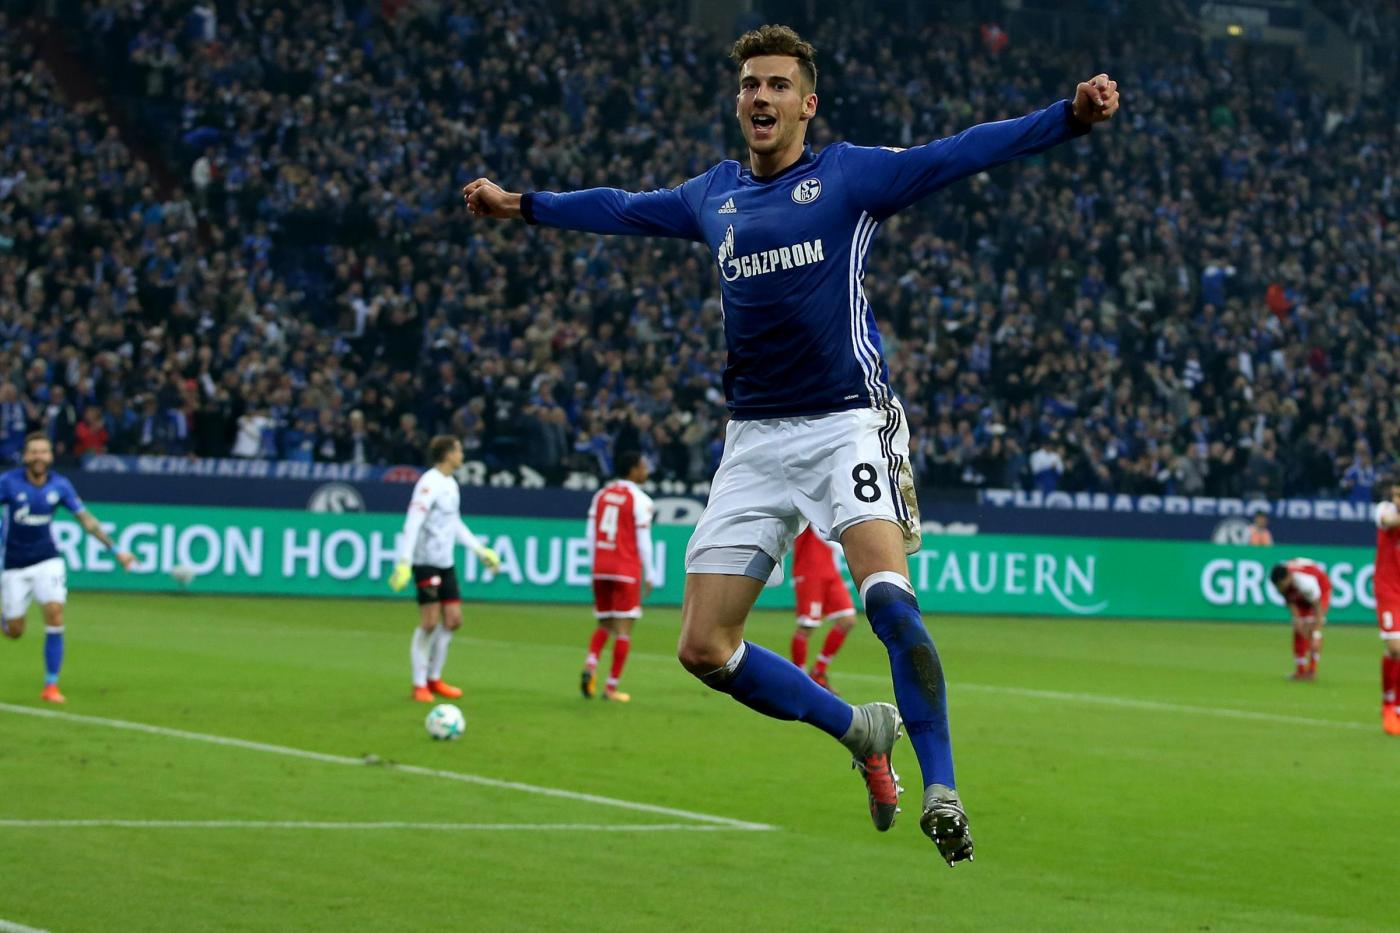 Calciomercato, annuncio Schalke 04: